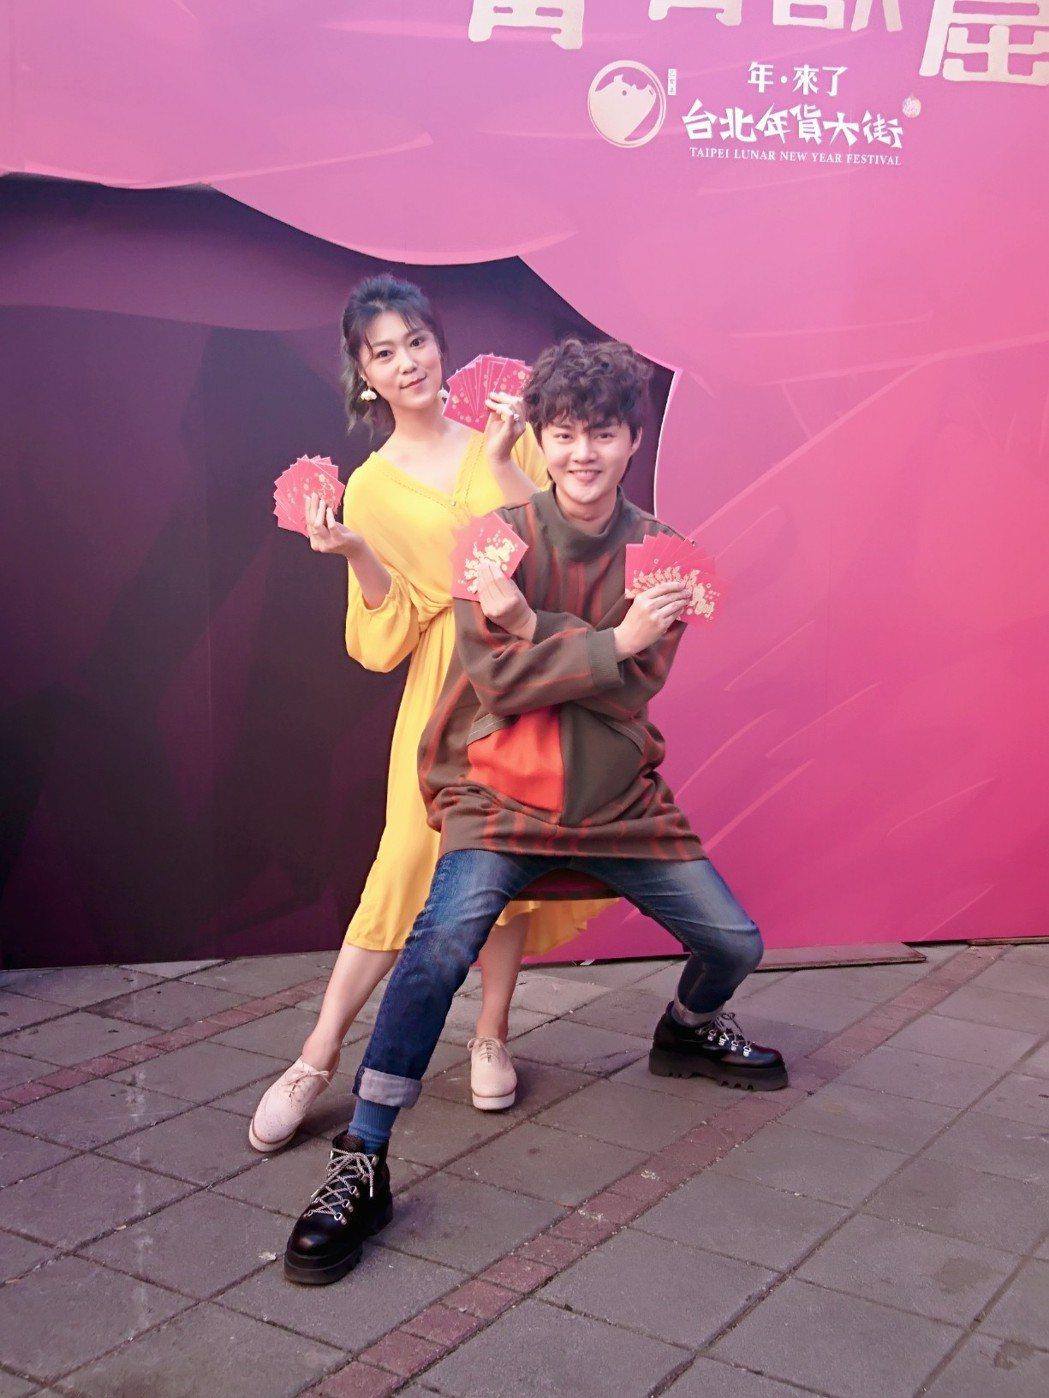 許富凱(右)、曹雅雯到年貨大街發送金豬開運紅包。圖/時代創藝提供